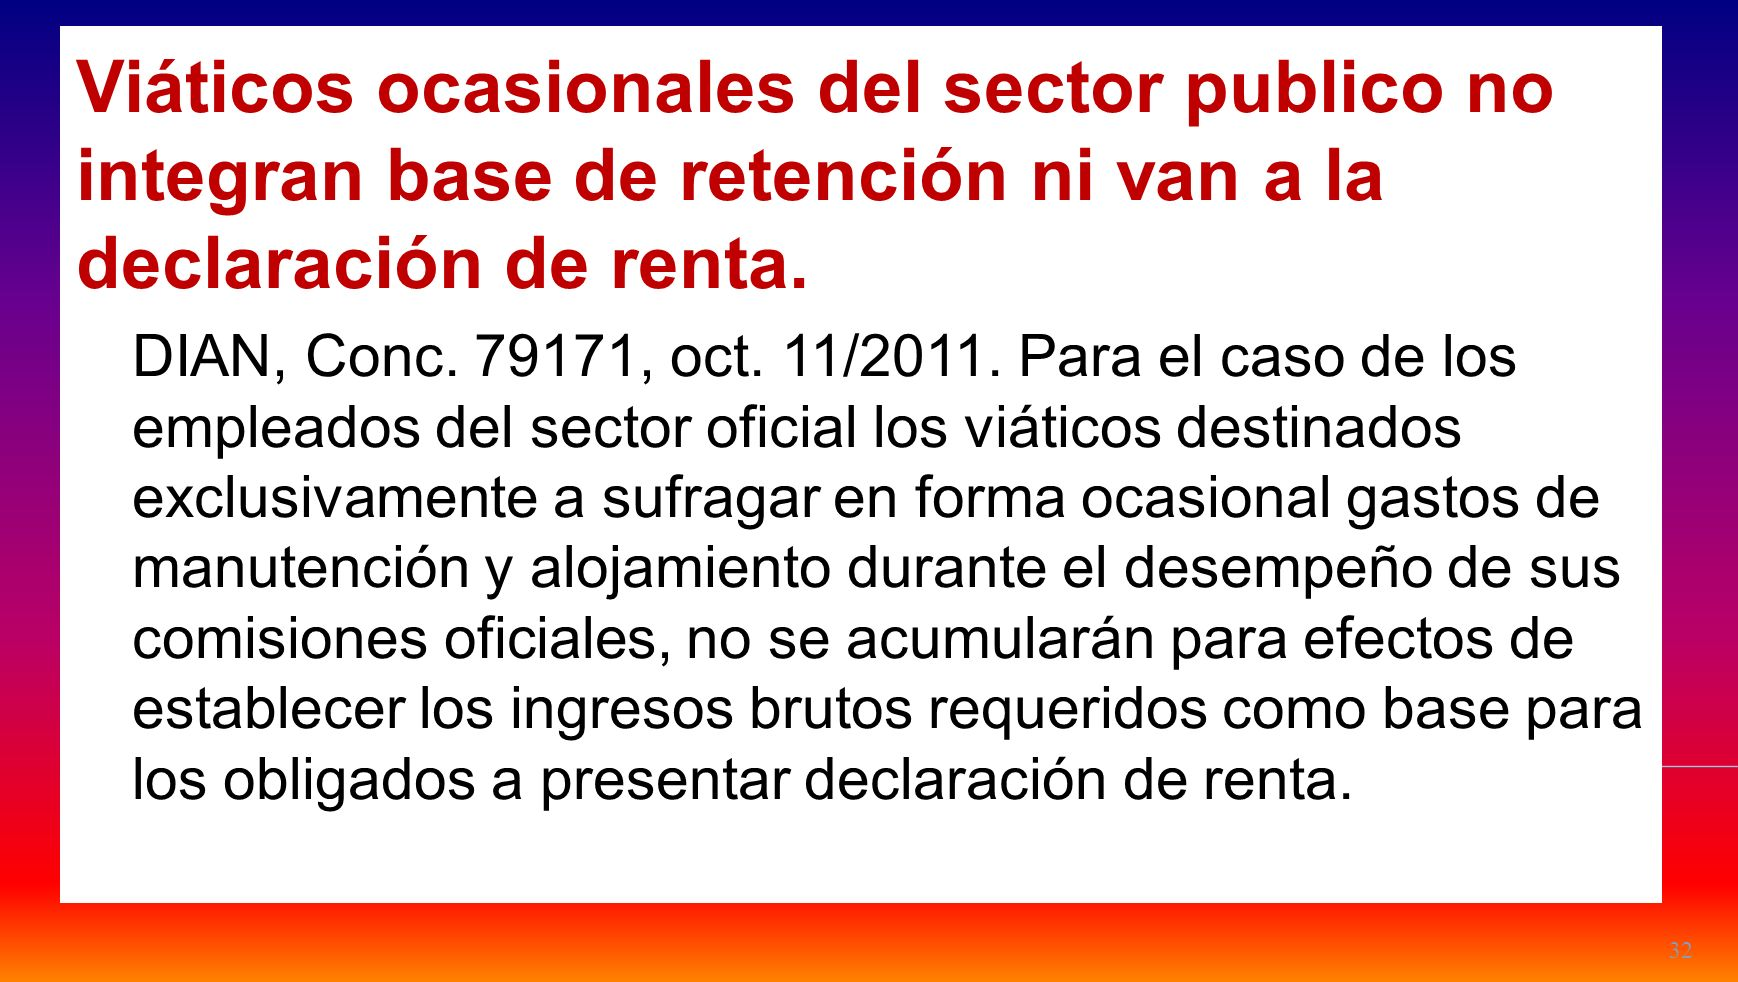 Viáticos ocasionales del sector publico no integran base de retención ni van a la declaración de renta.